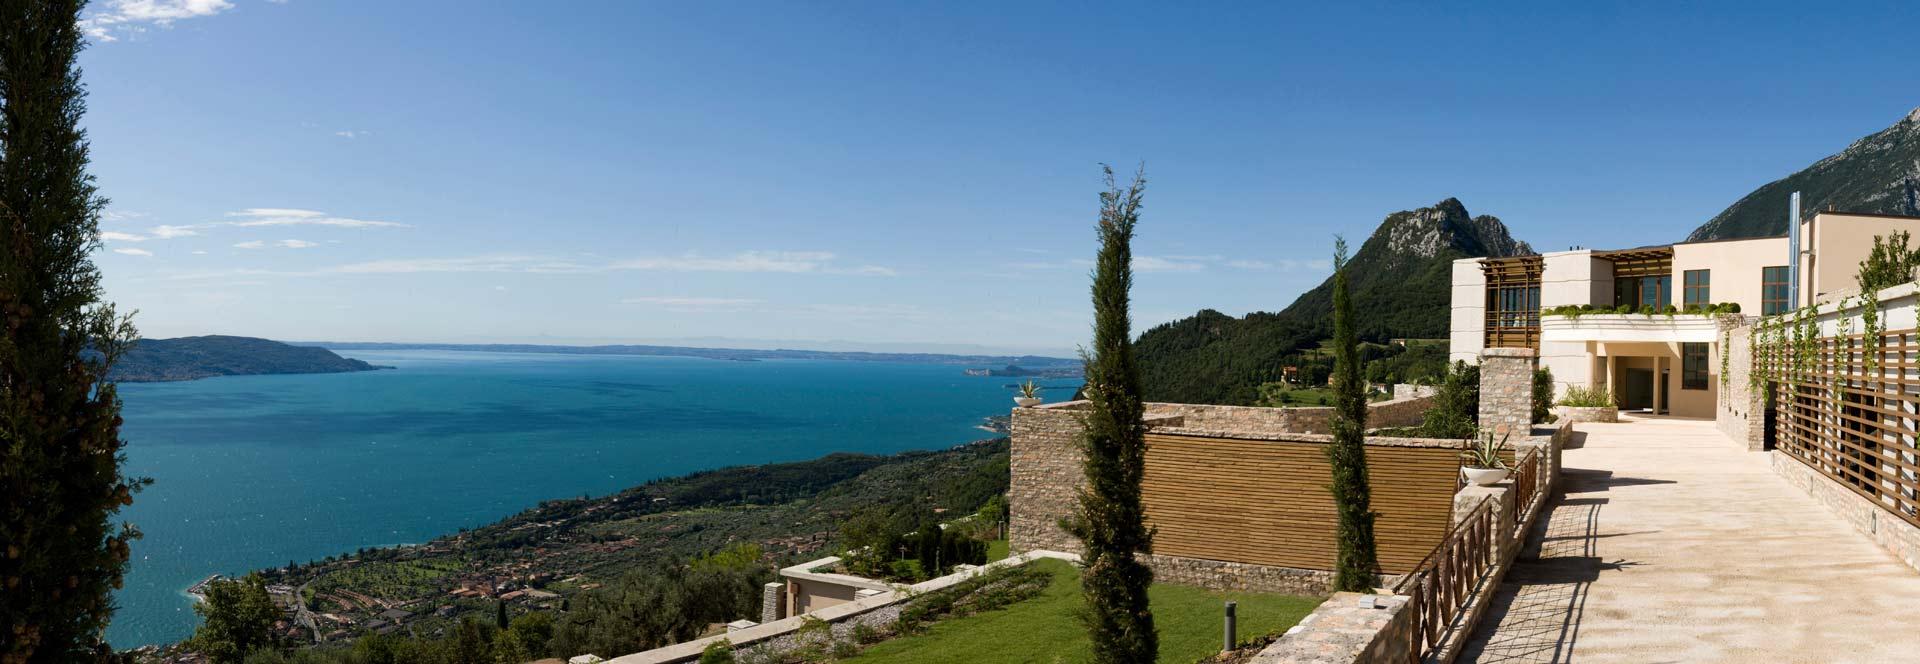 festività, capodanno ed epifania hotel caesius terme & spa resort ... - Soggiorno Lago Di Garda 2